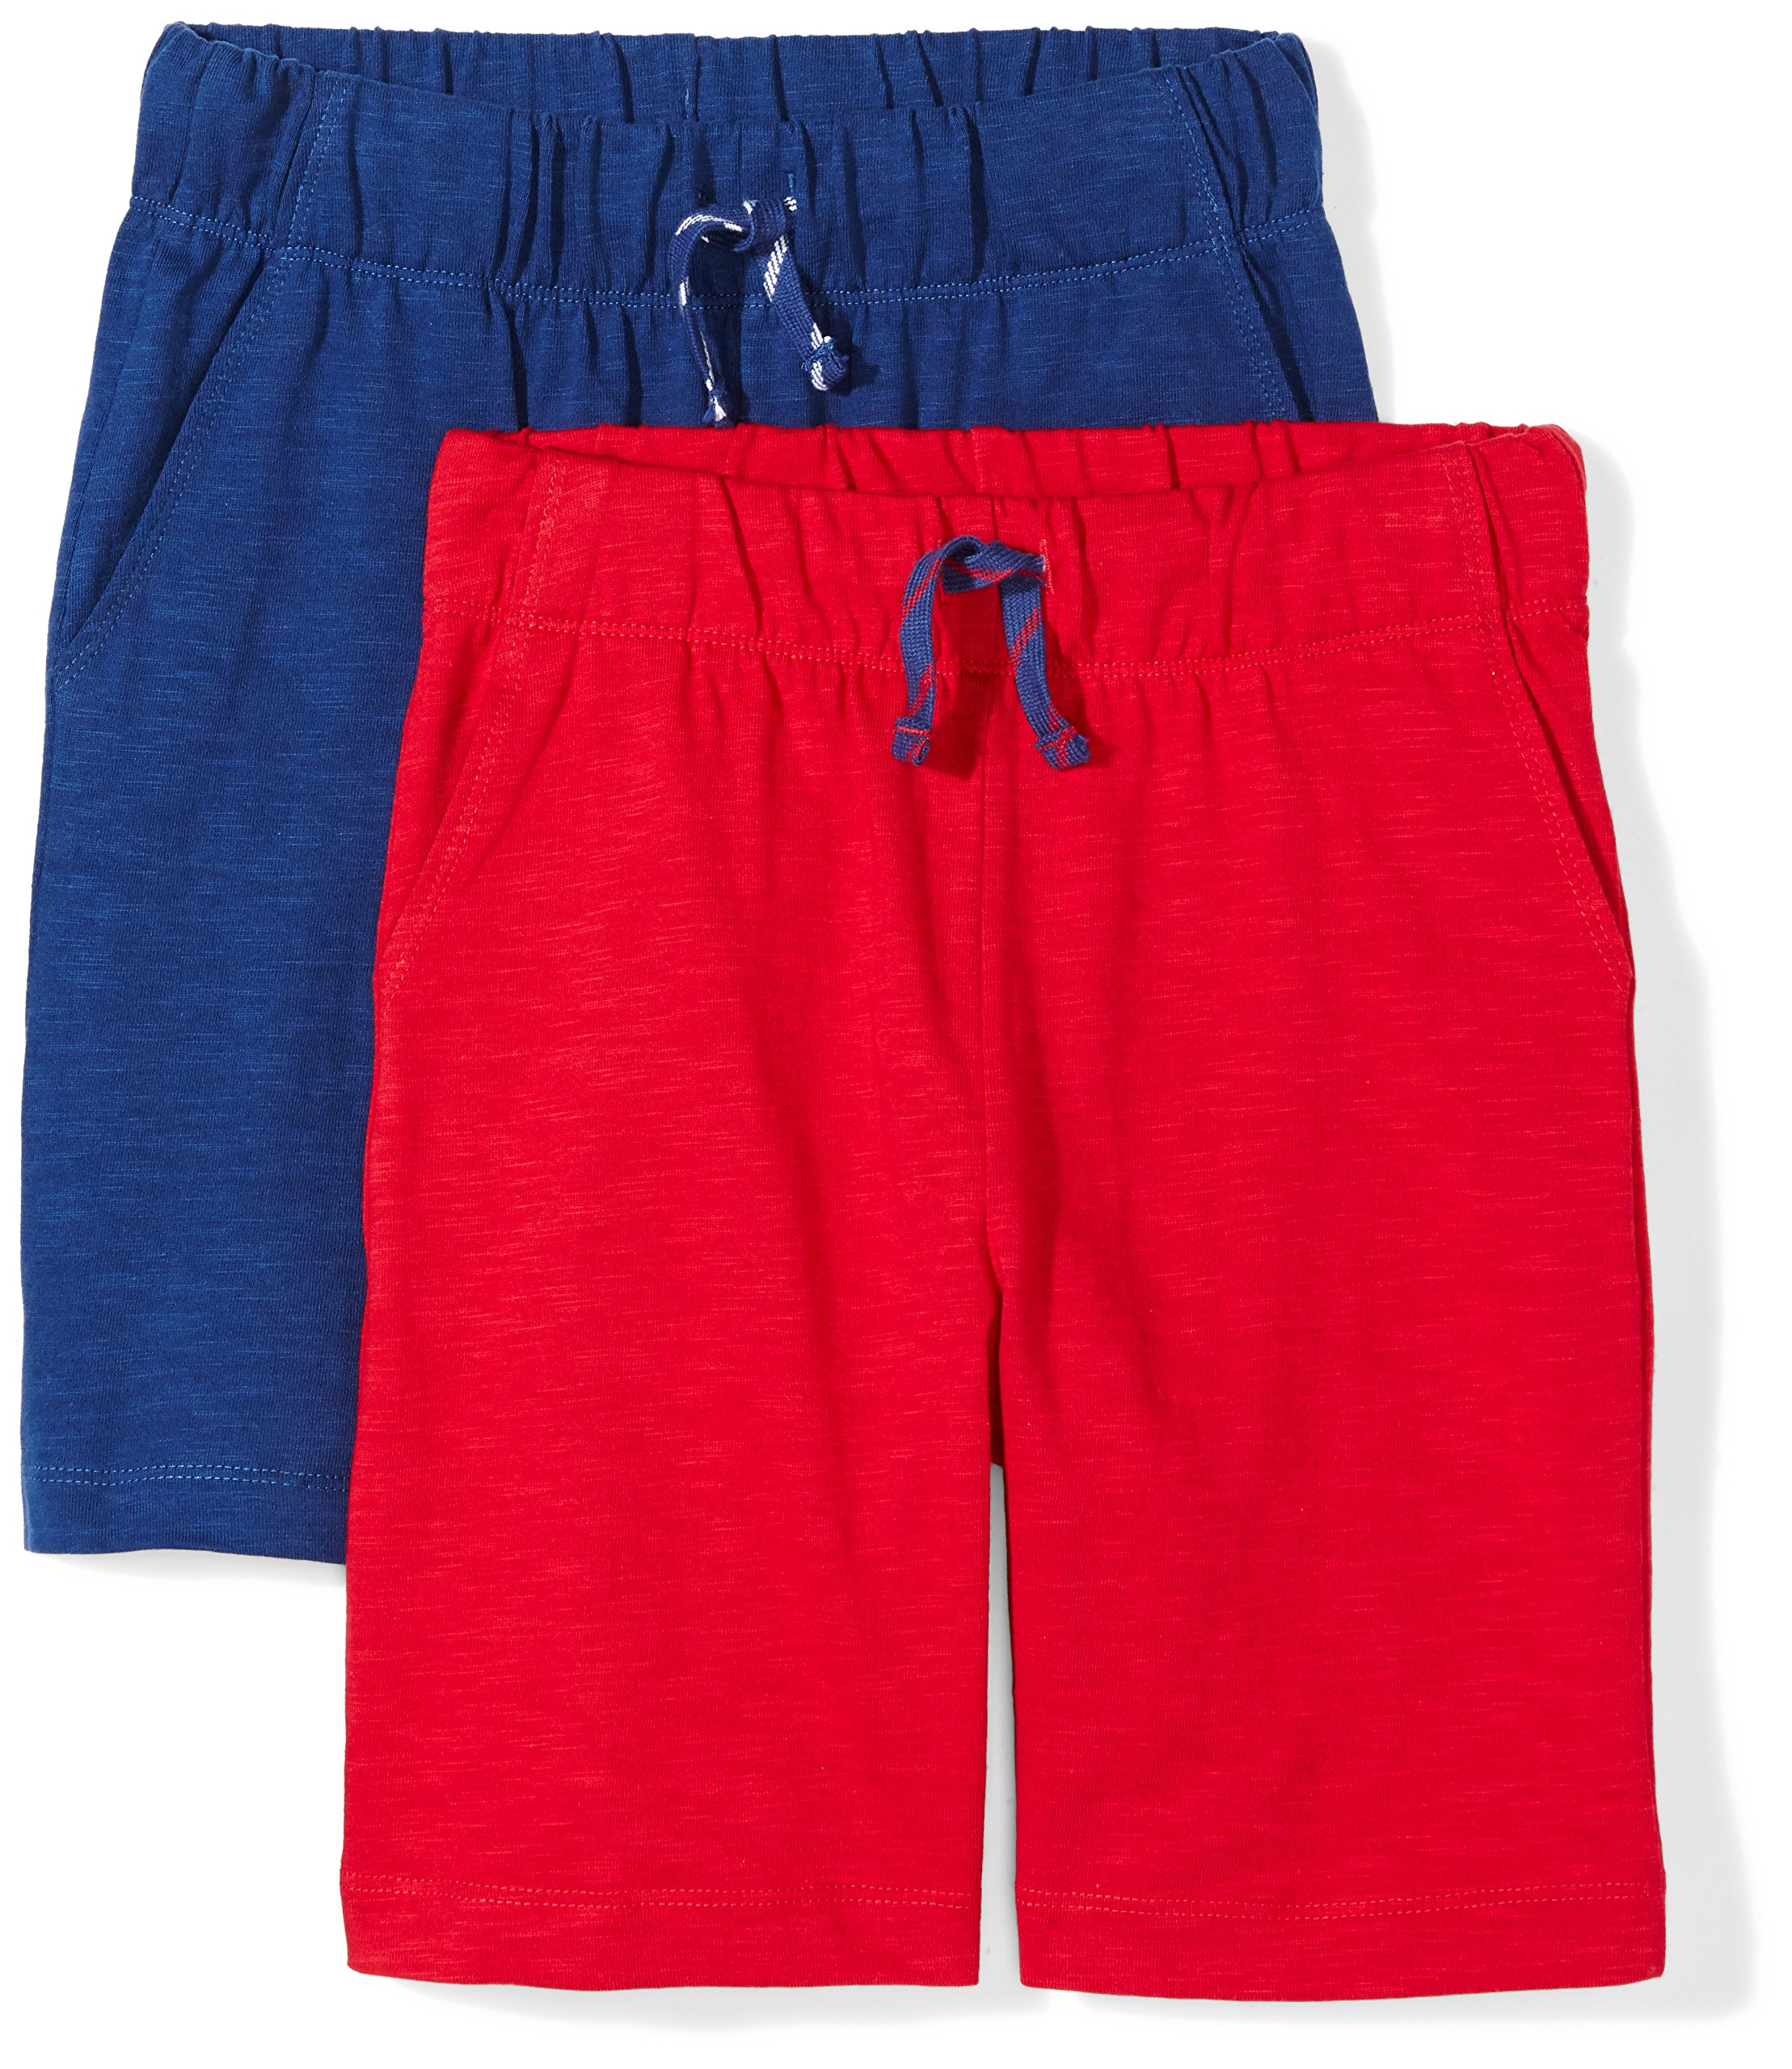 Brand Spotted Zebra Boys Knit Jersey Play Shorts